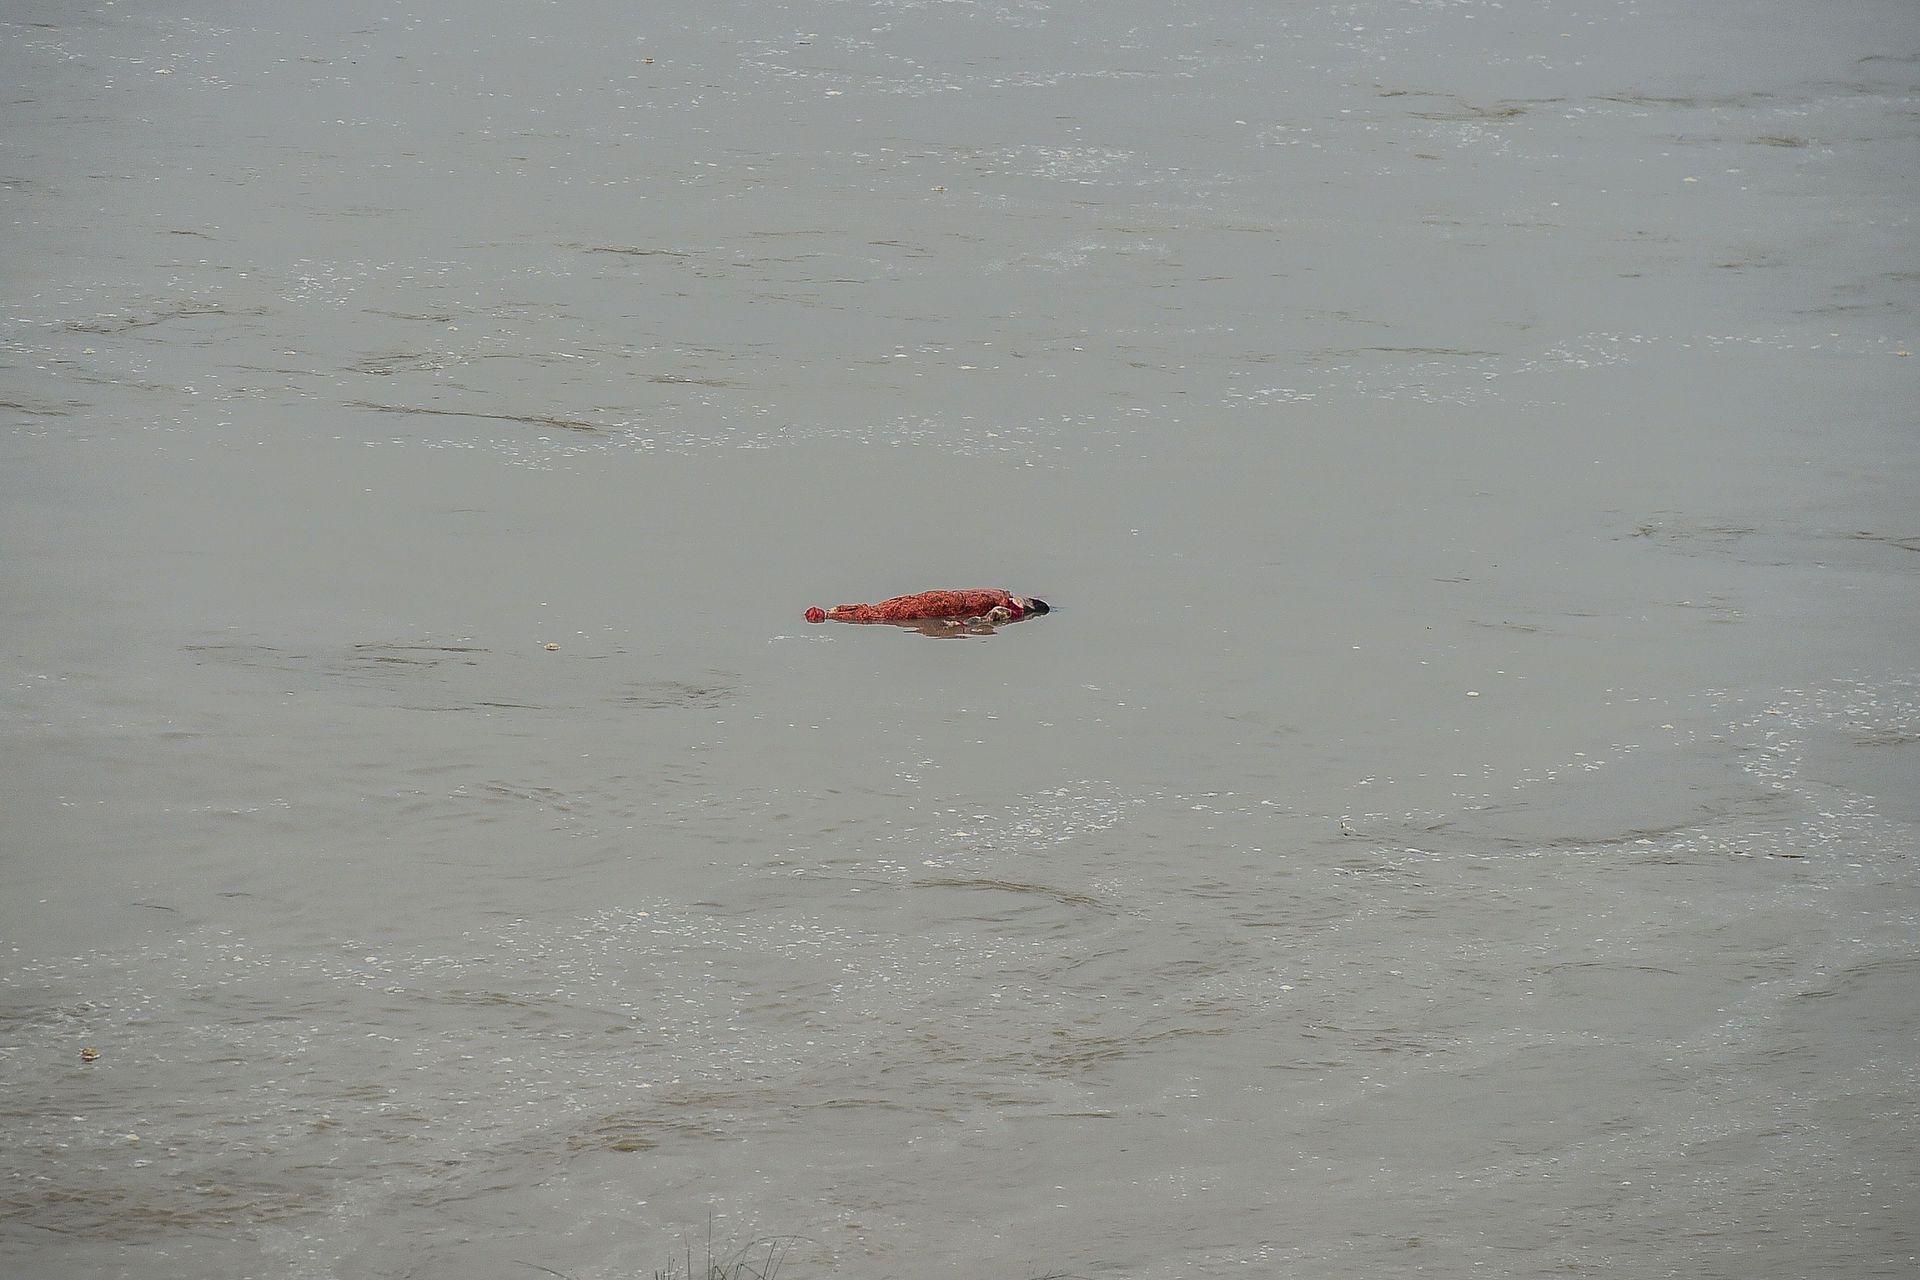 Los restos de un cuerpo que fue enterrado anteriormente están a flote después de que el aumento del nivel del agua del río Ganges arrasara con algunas de las tumbas